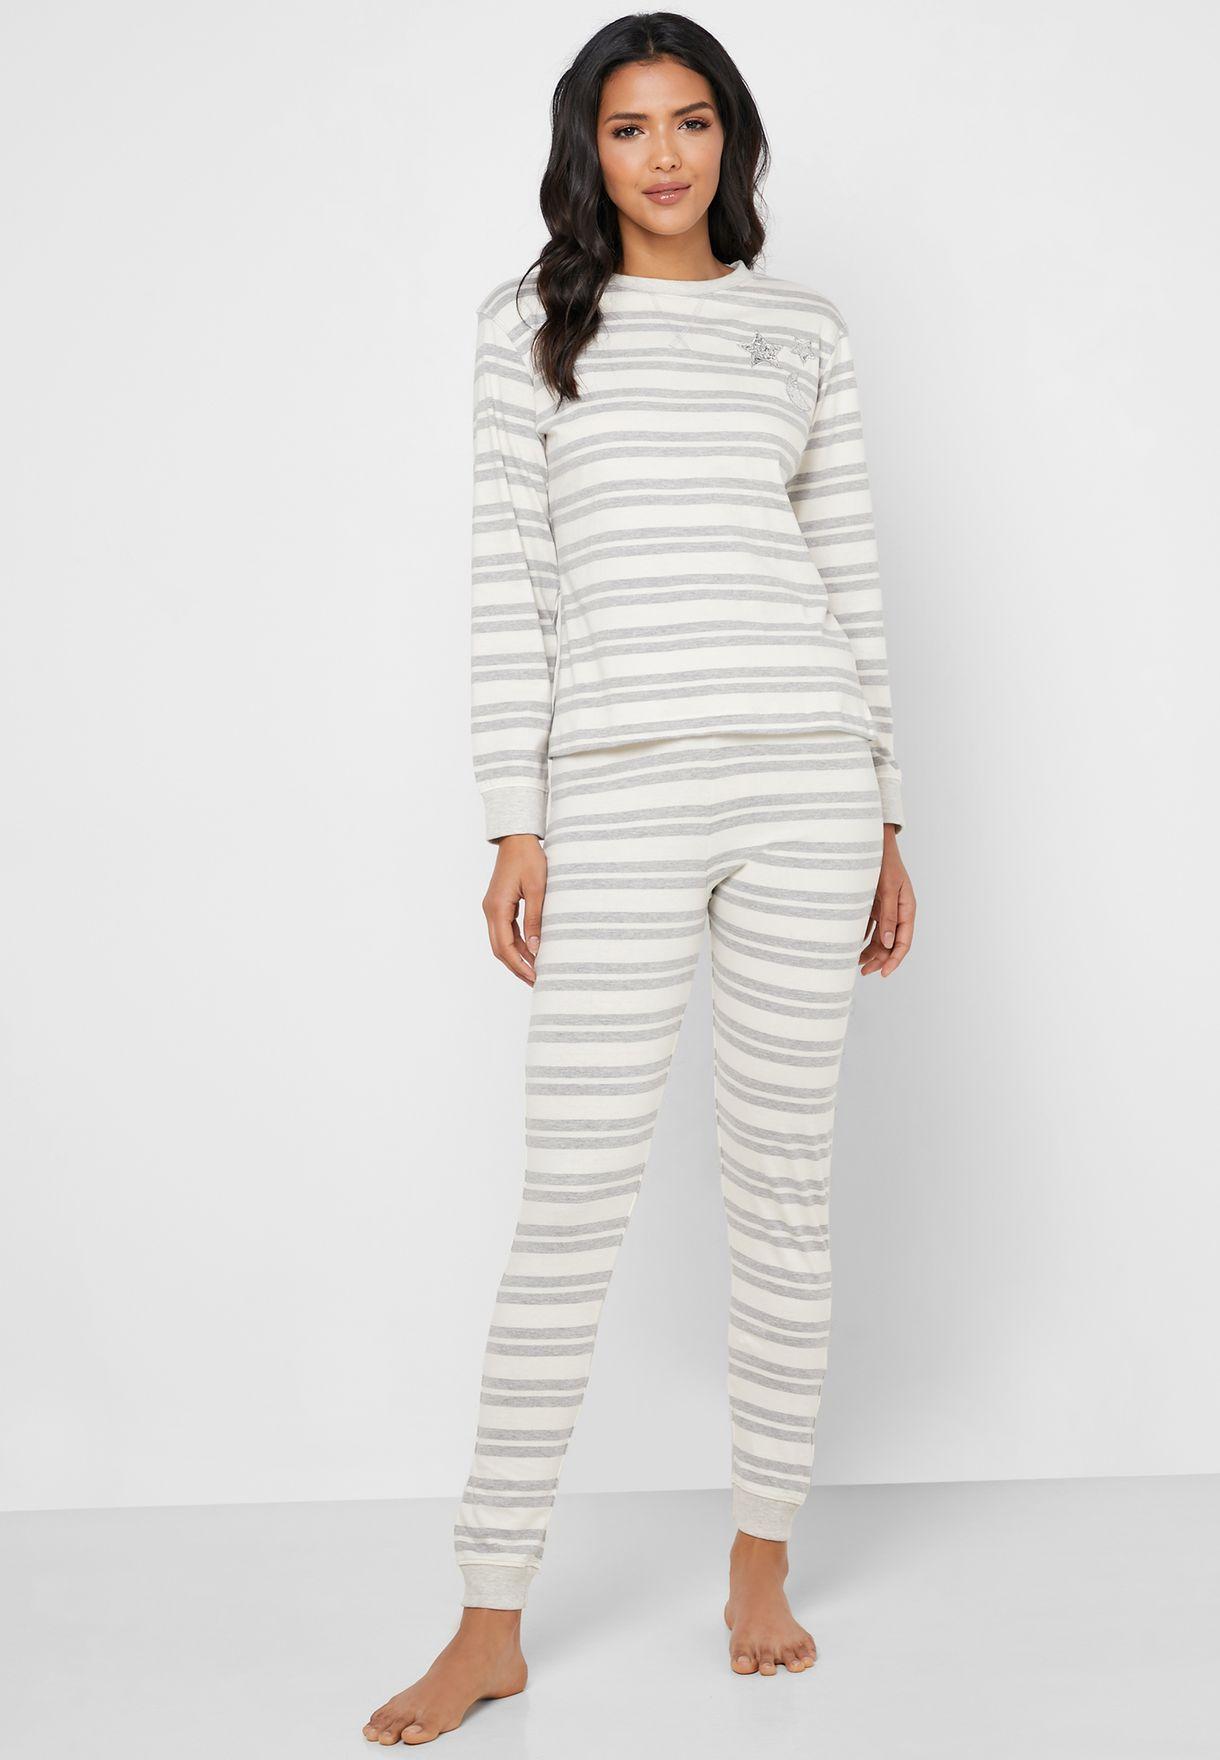 Striped Top & Pyjama Set